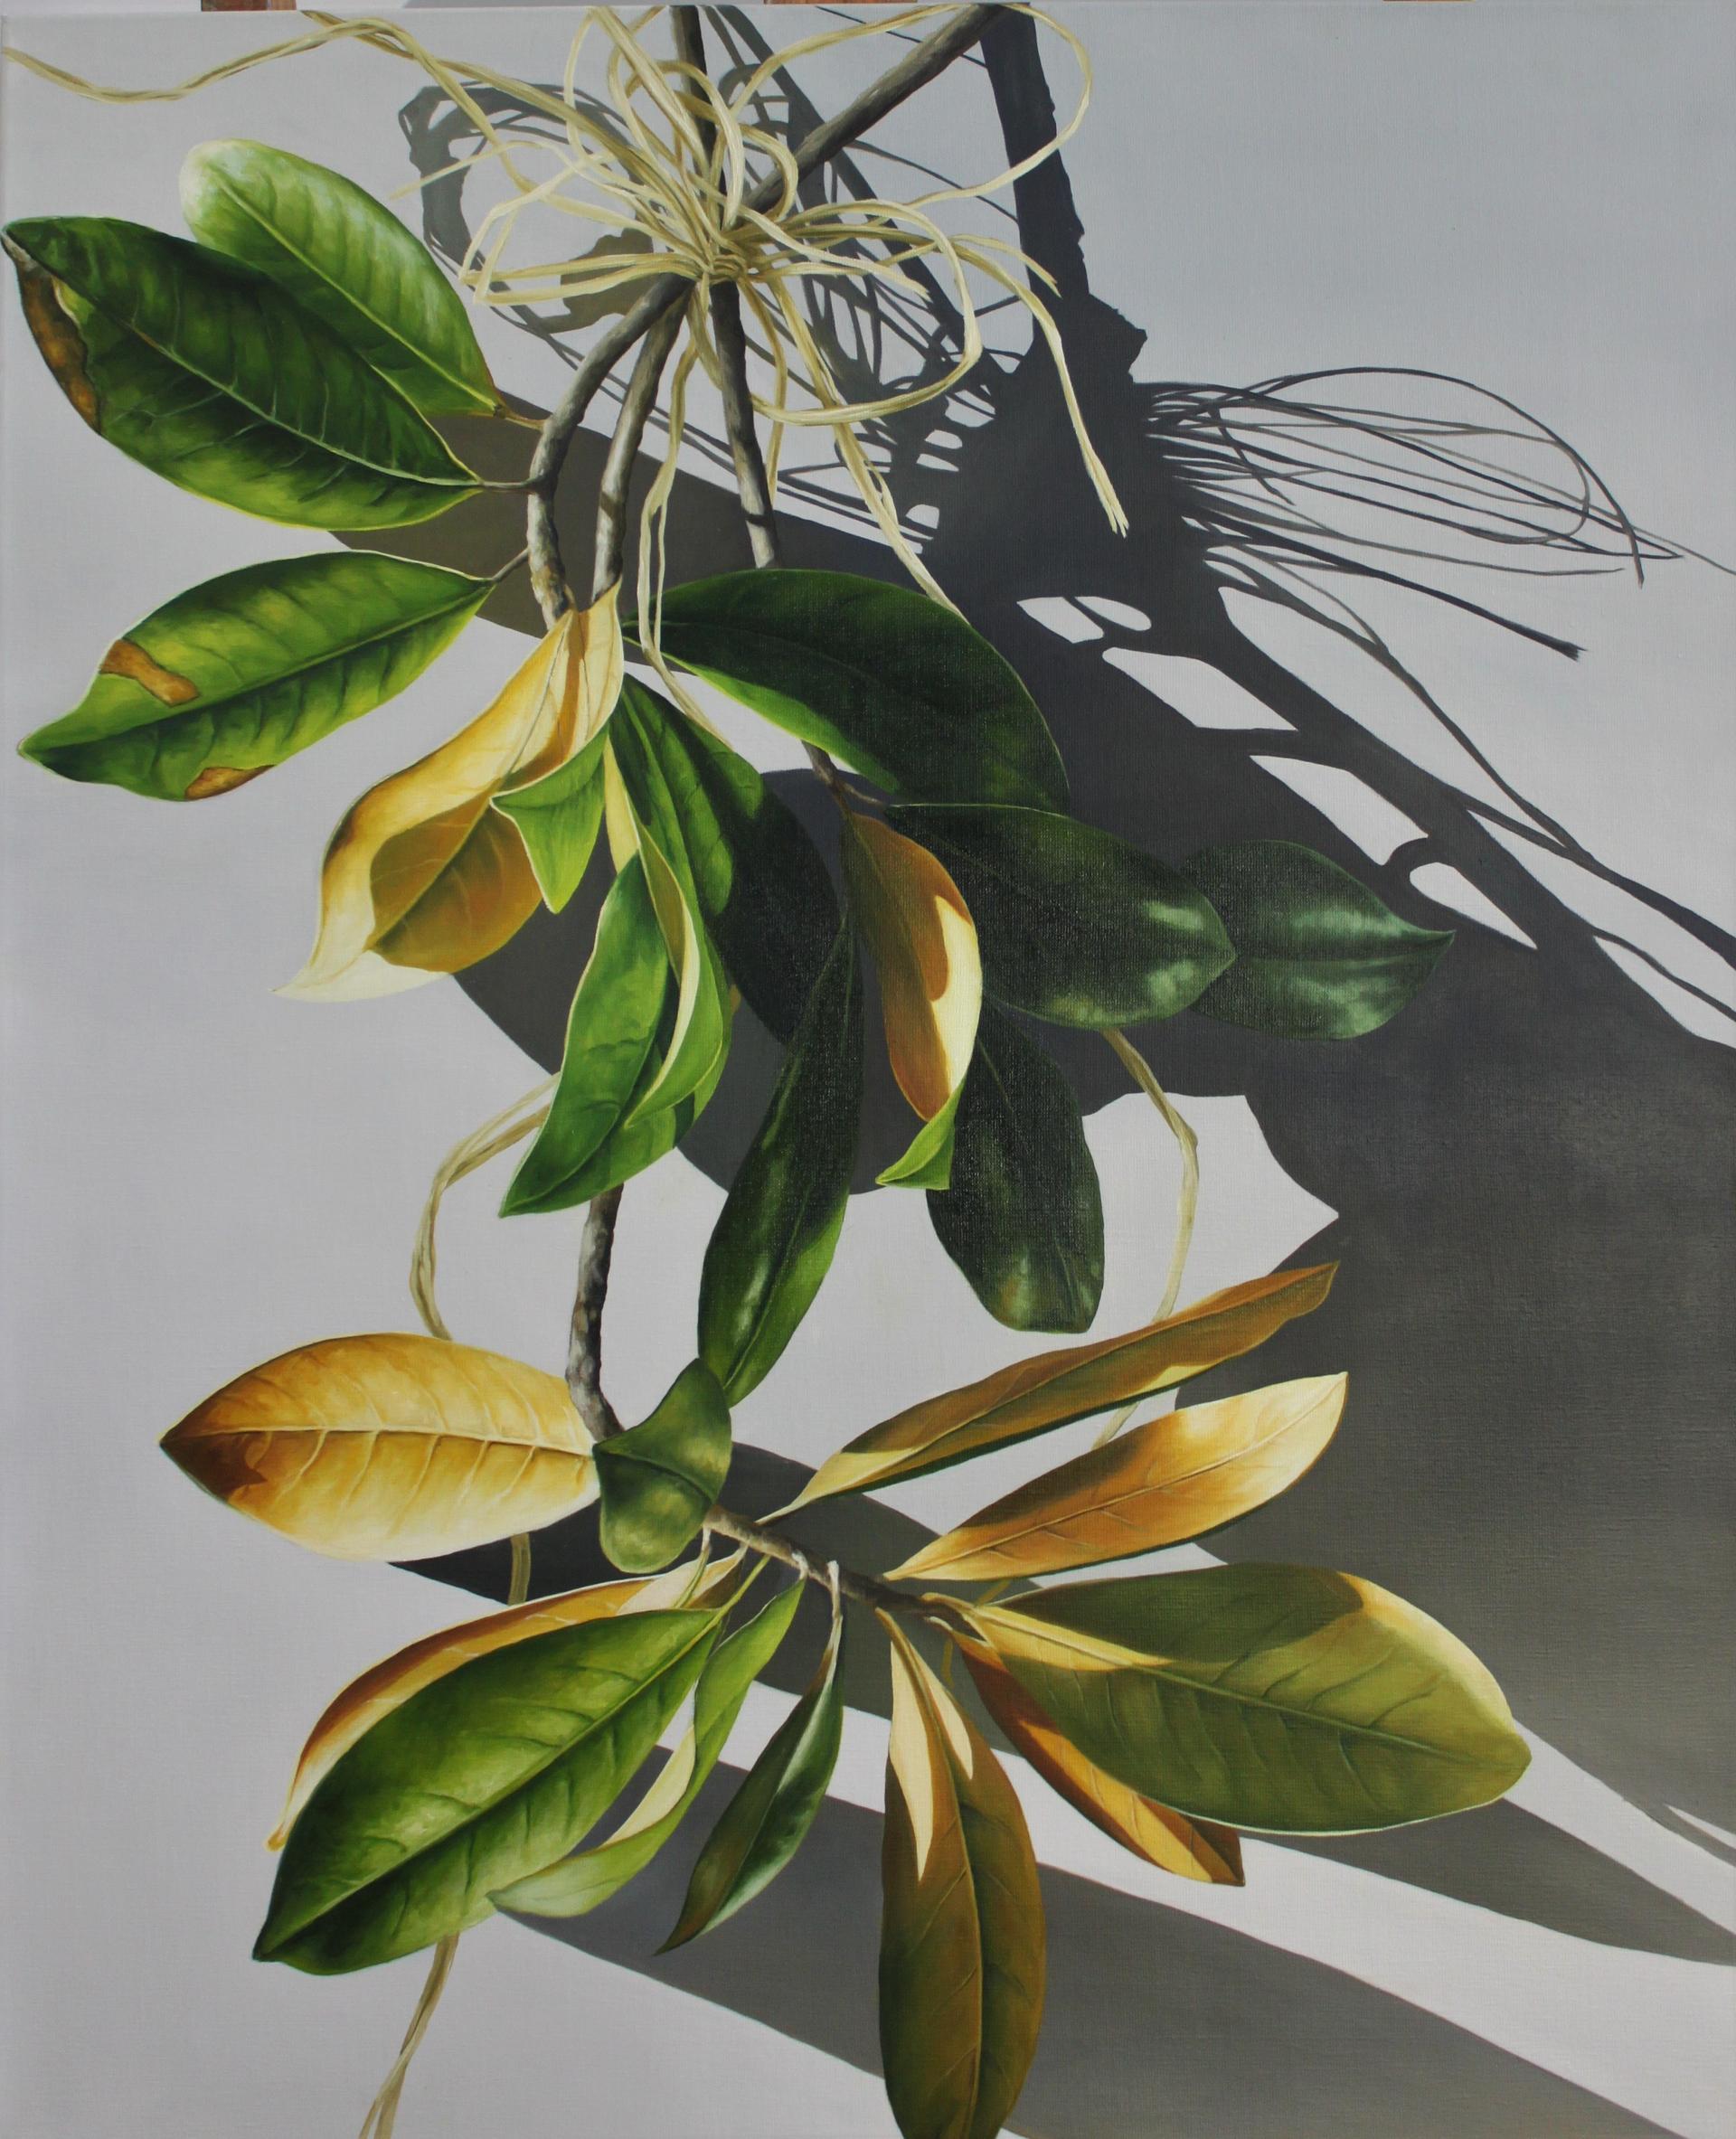 Hanging Magnolia by Loren DiBenedetto, OPA